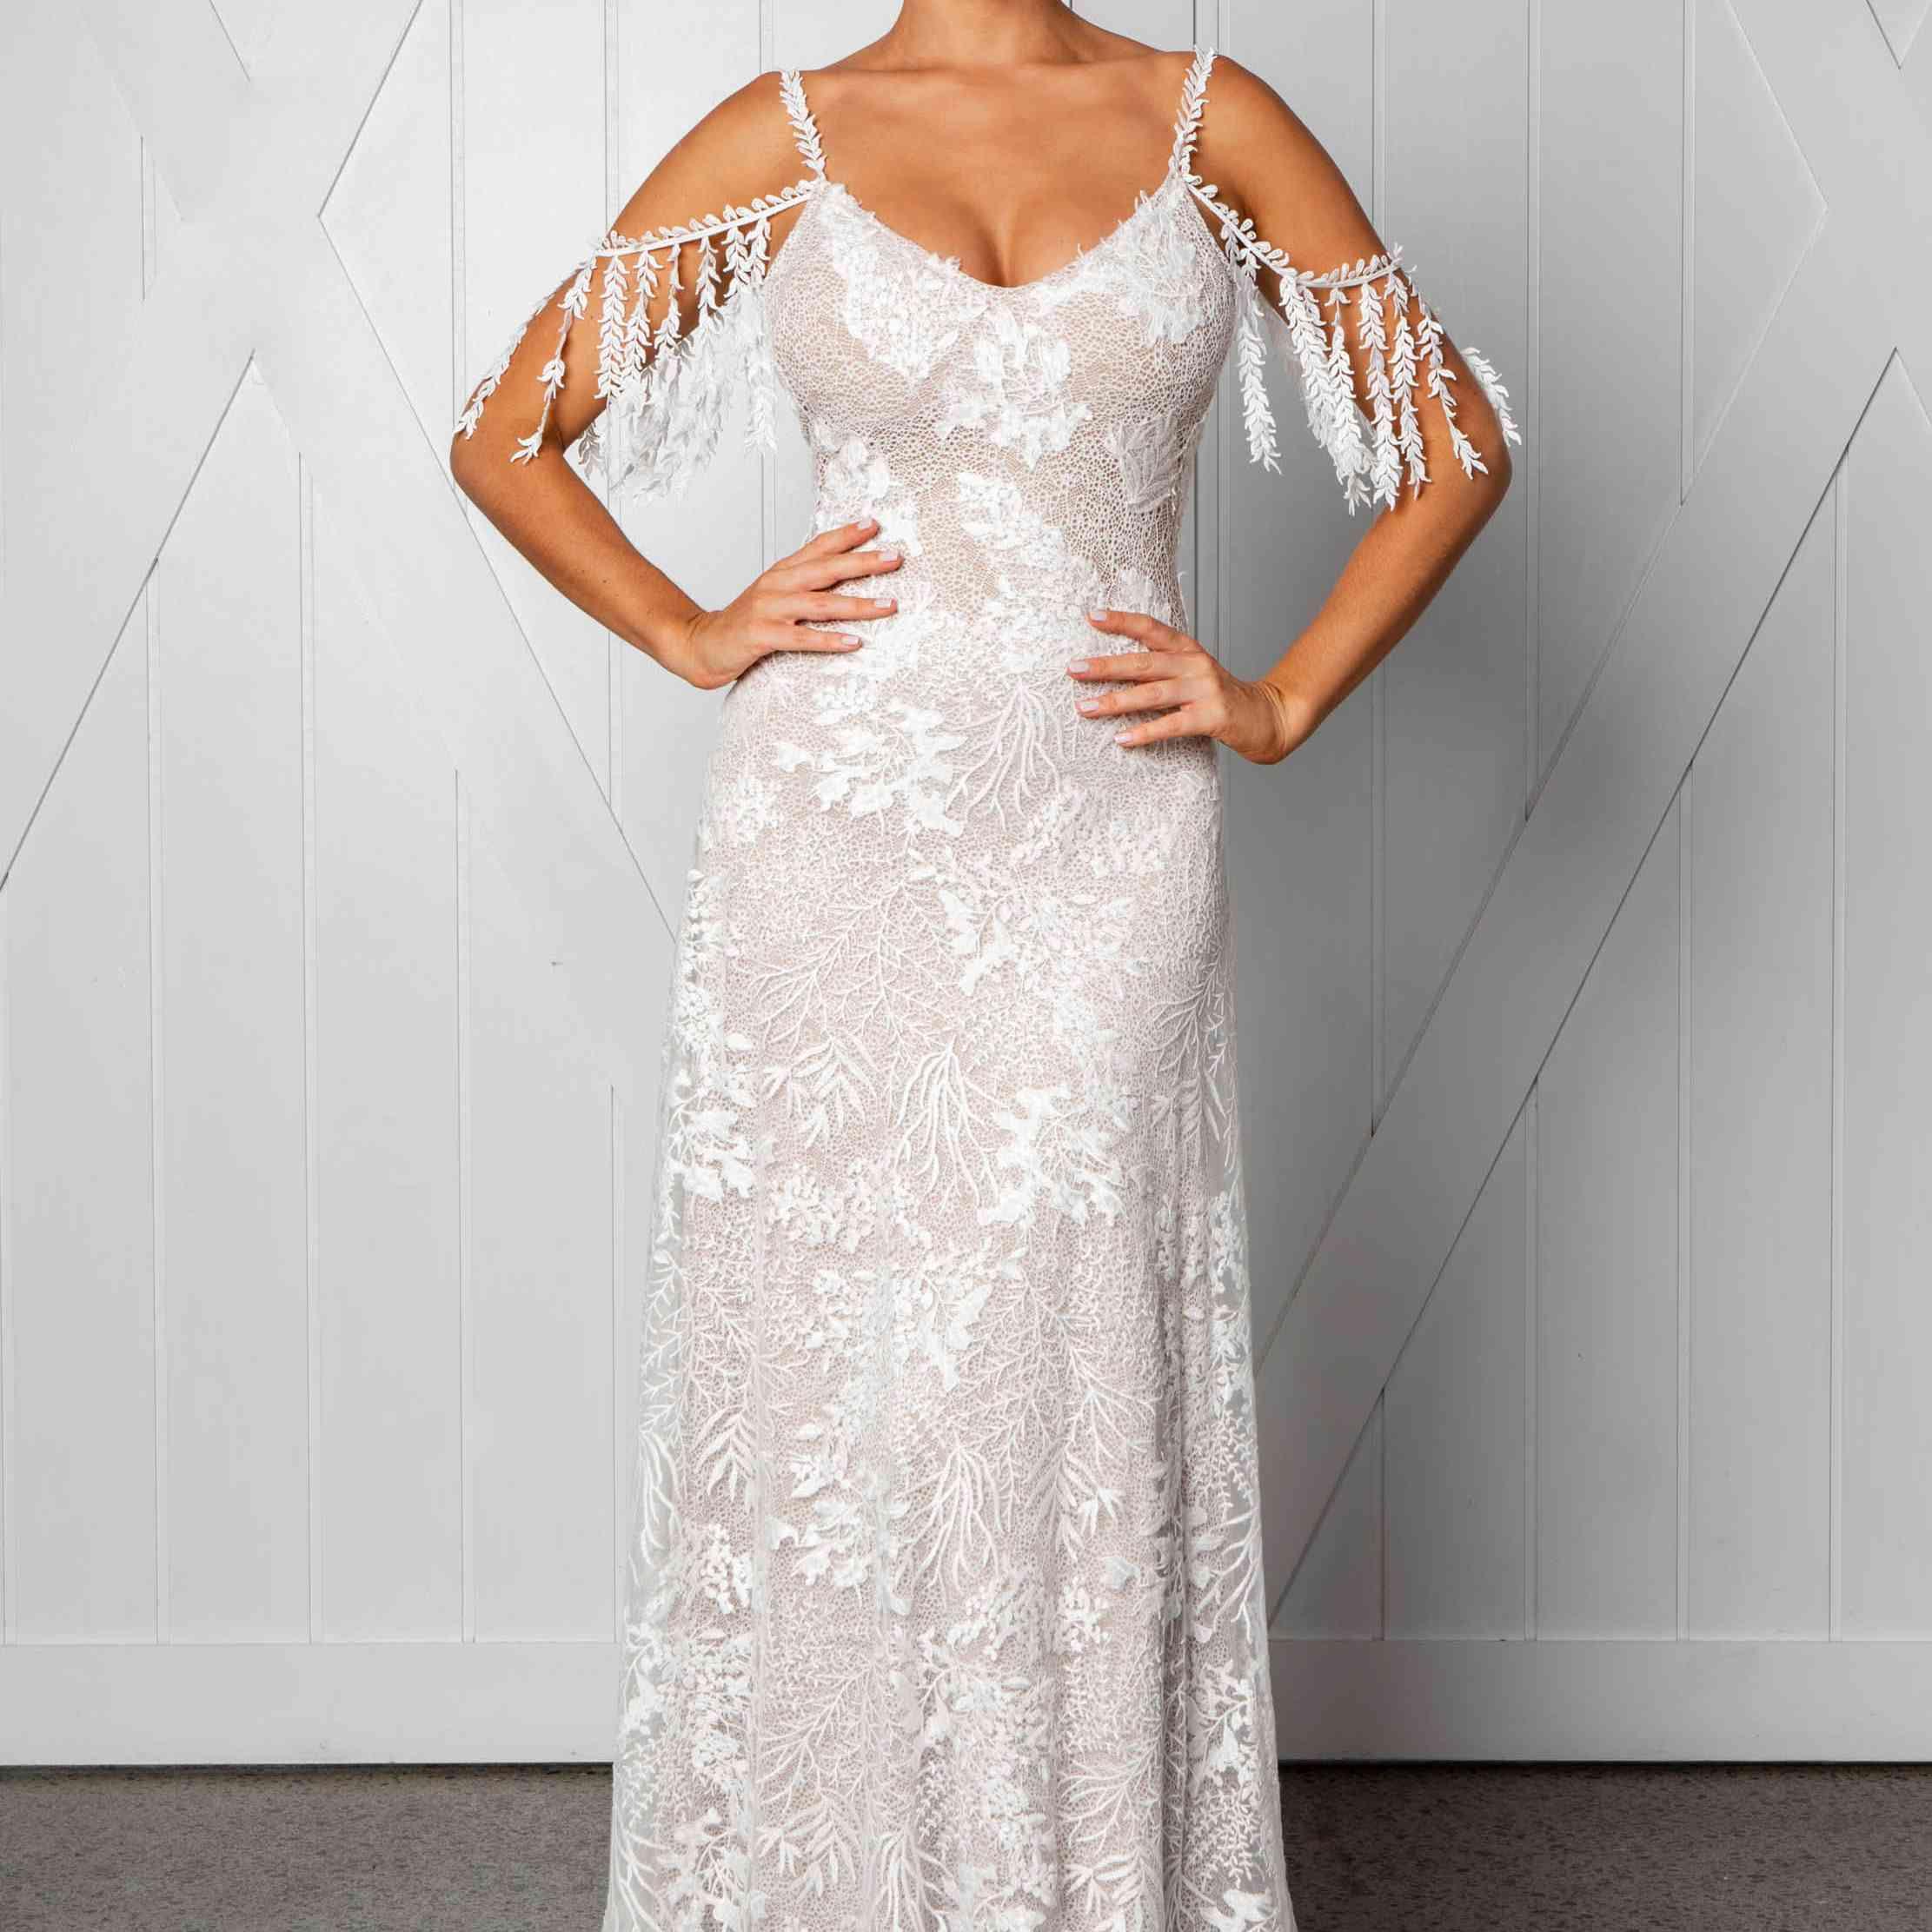 Sol off-the-shoulder wedding dress